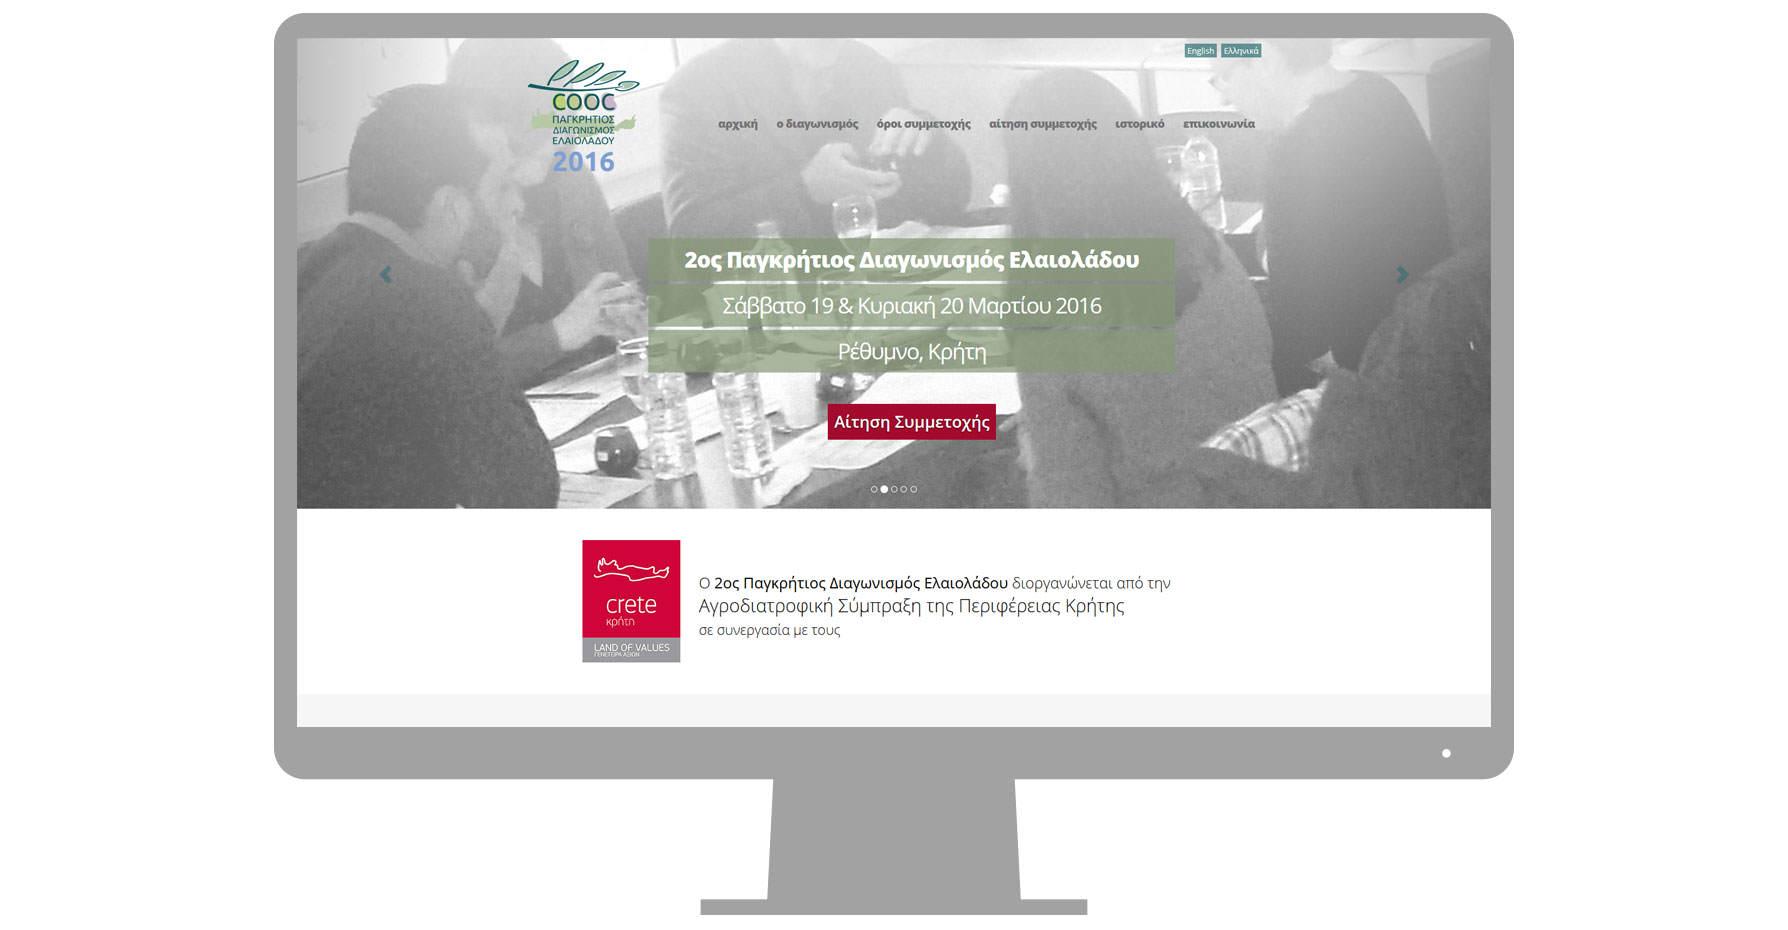 Επισκόπηση σελίδας υποδοχής σε οθόνη